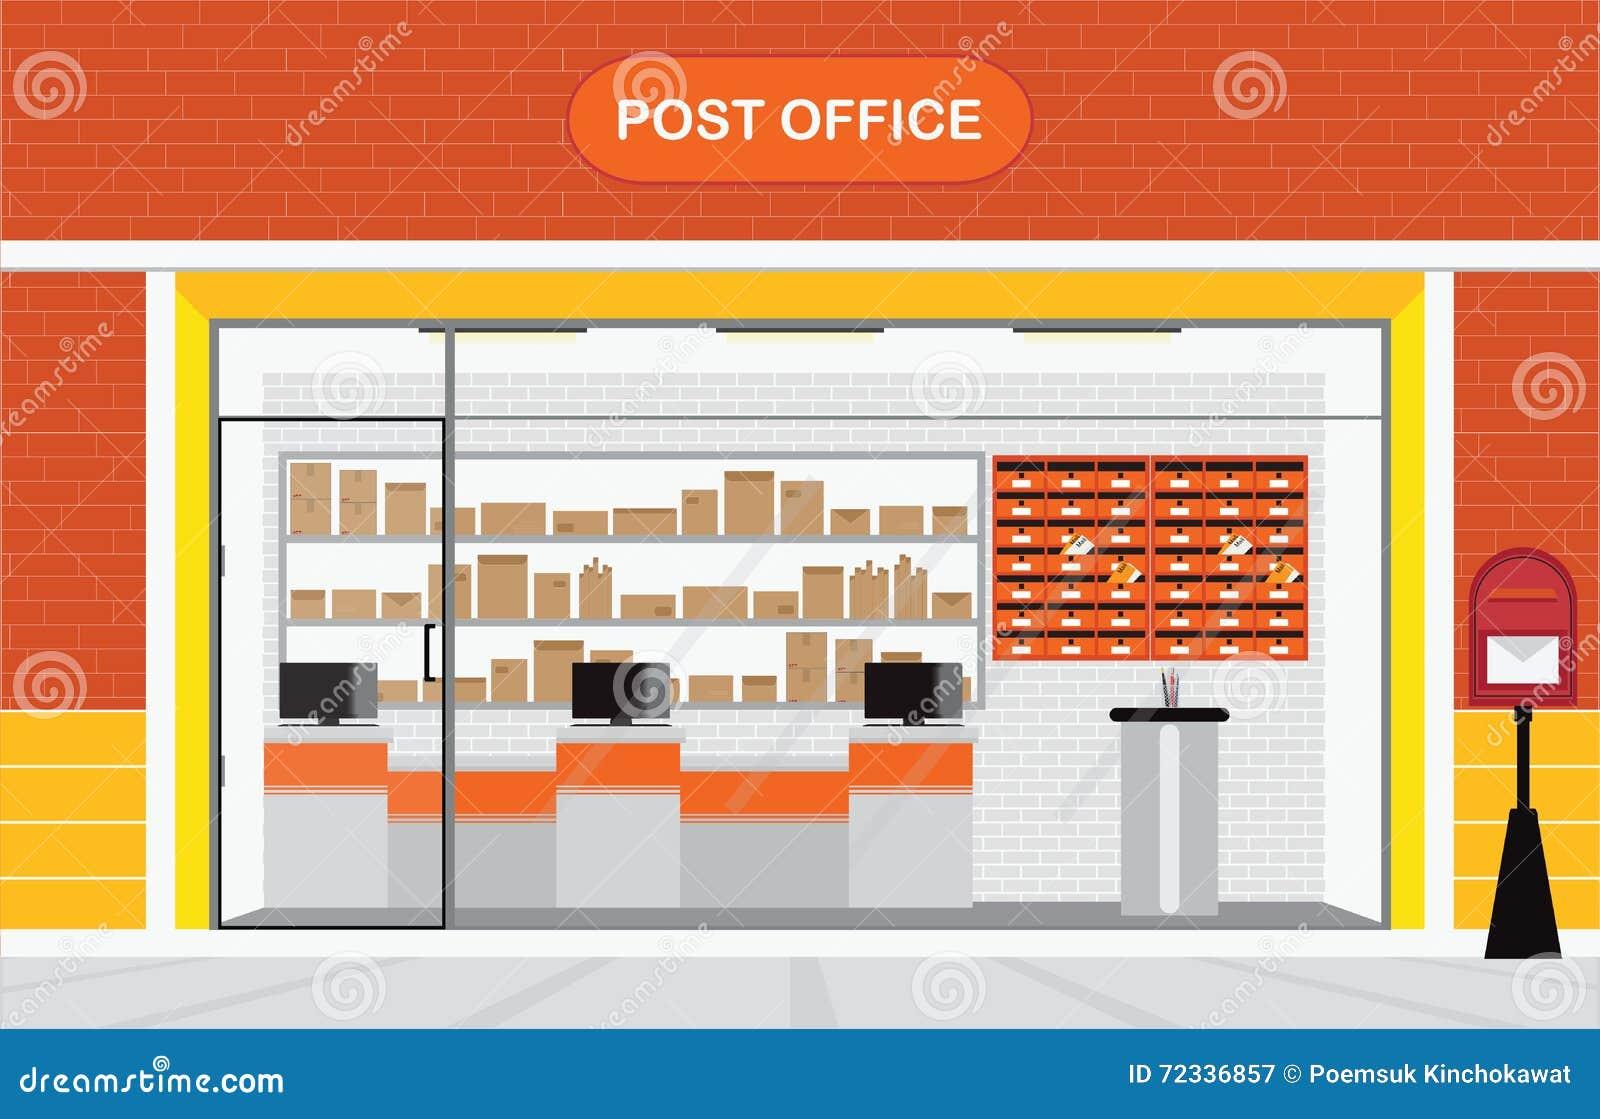 Современные экстерьер и интерьер здания почтового отделения